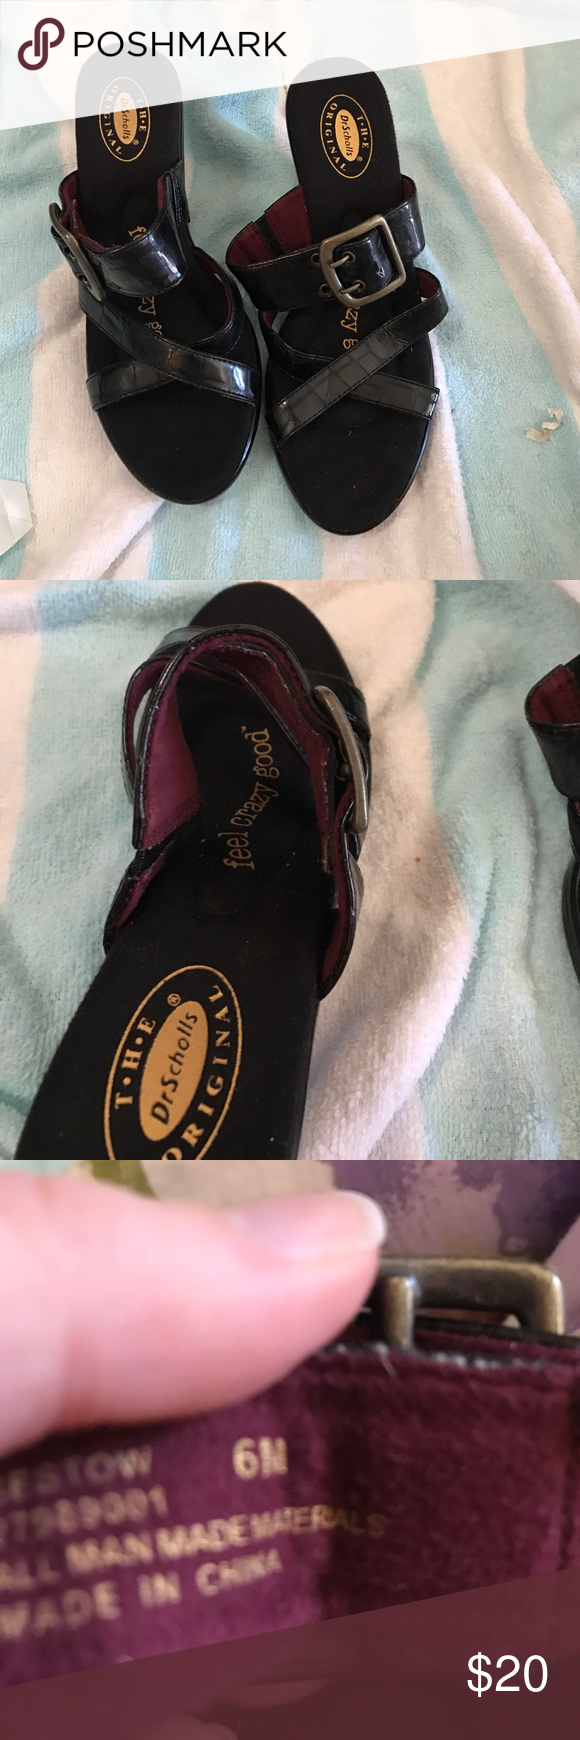 Doctor schools Nwot bestow black sandals 6m Nwot 1.5 inch heel. #509 Dr. Scholl's Shoes Heels